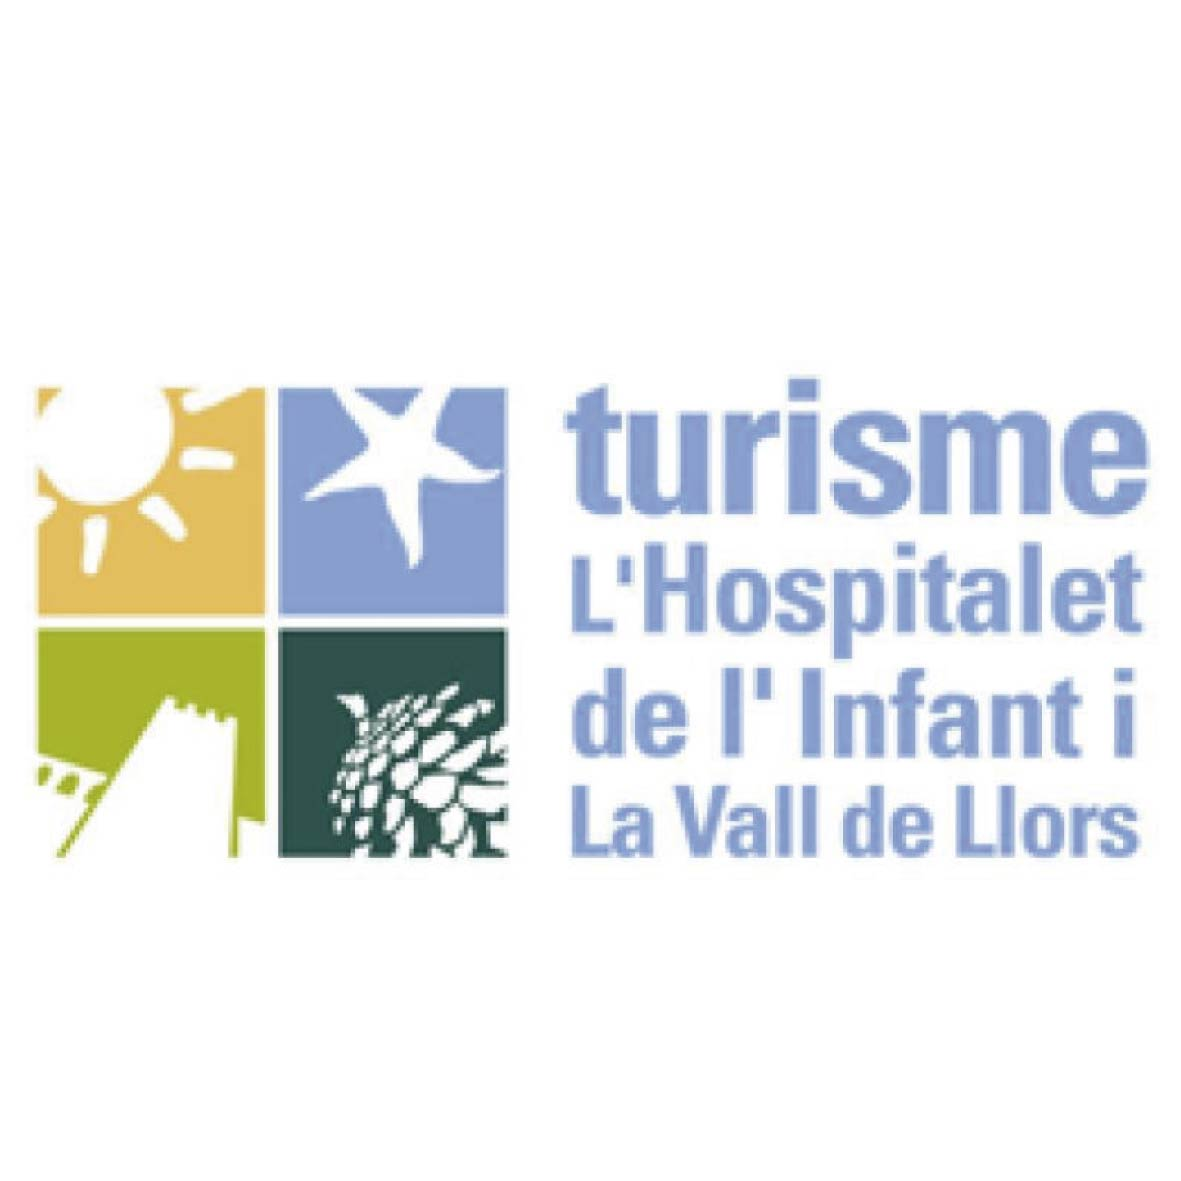 Turisme de l'Hospitalet de l'Infant